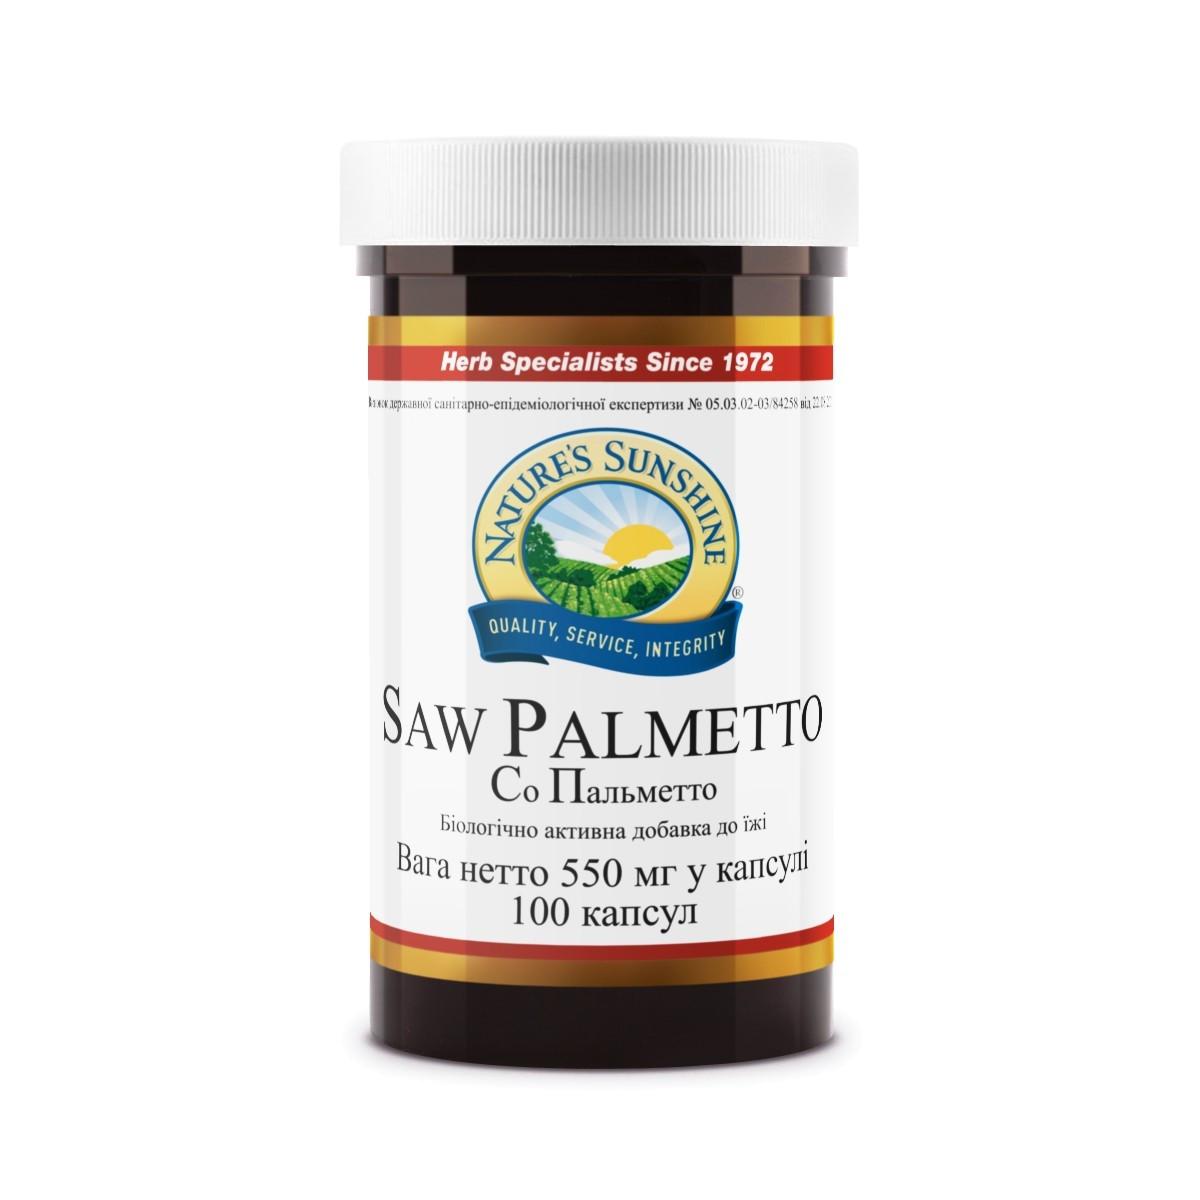 Со Пальметто. бад НСП. витамины для простаты.